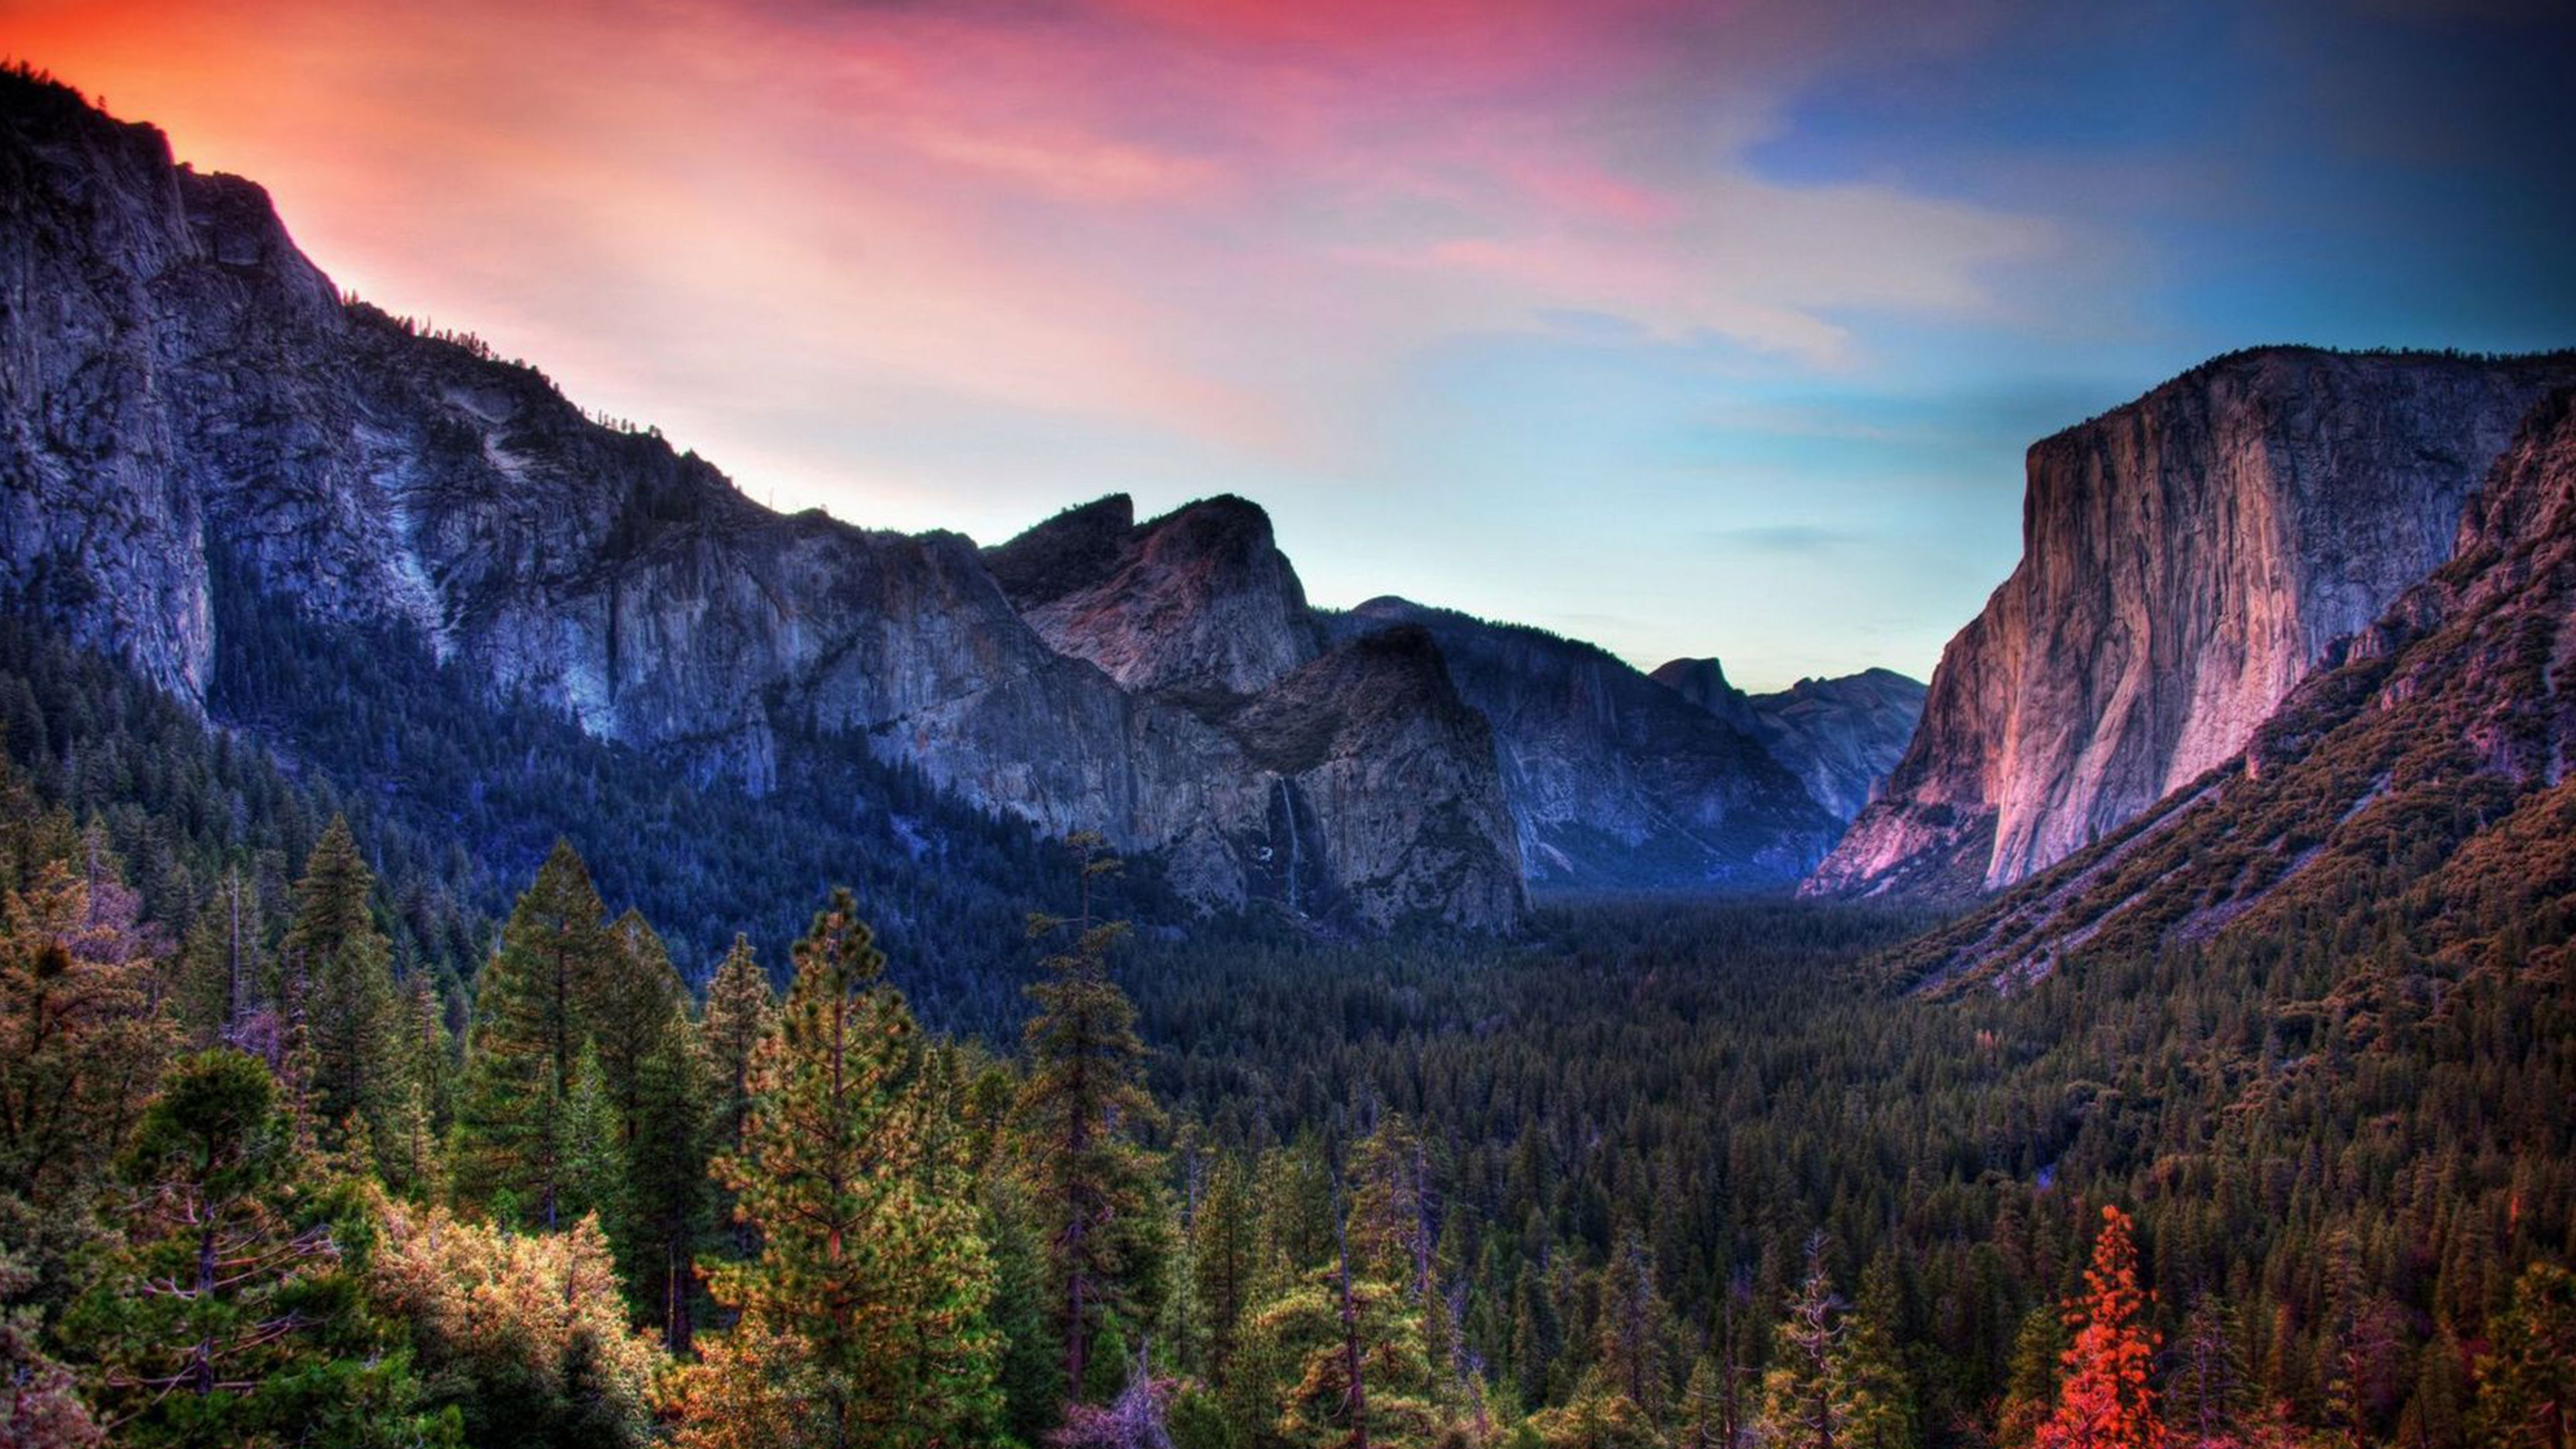 Yosemite Ulusal Parkı Ultra HD 4K Manzara Resimleri